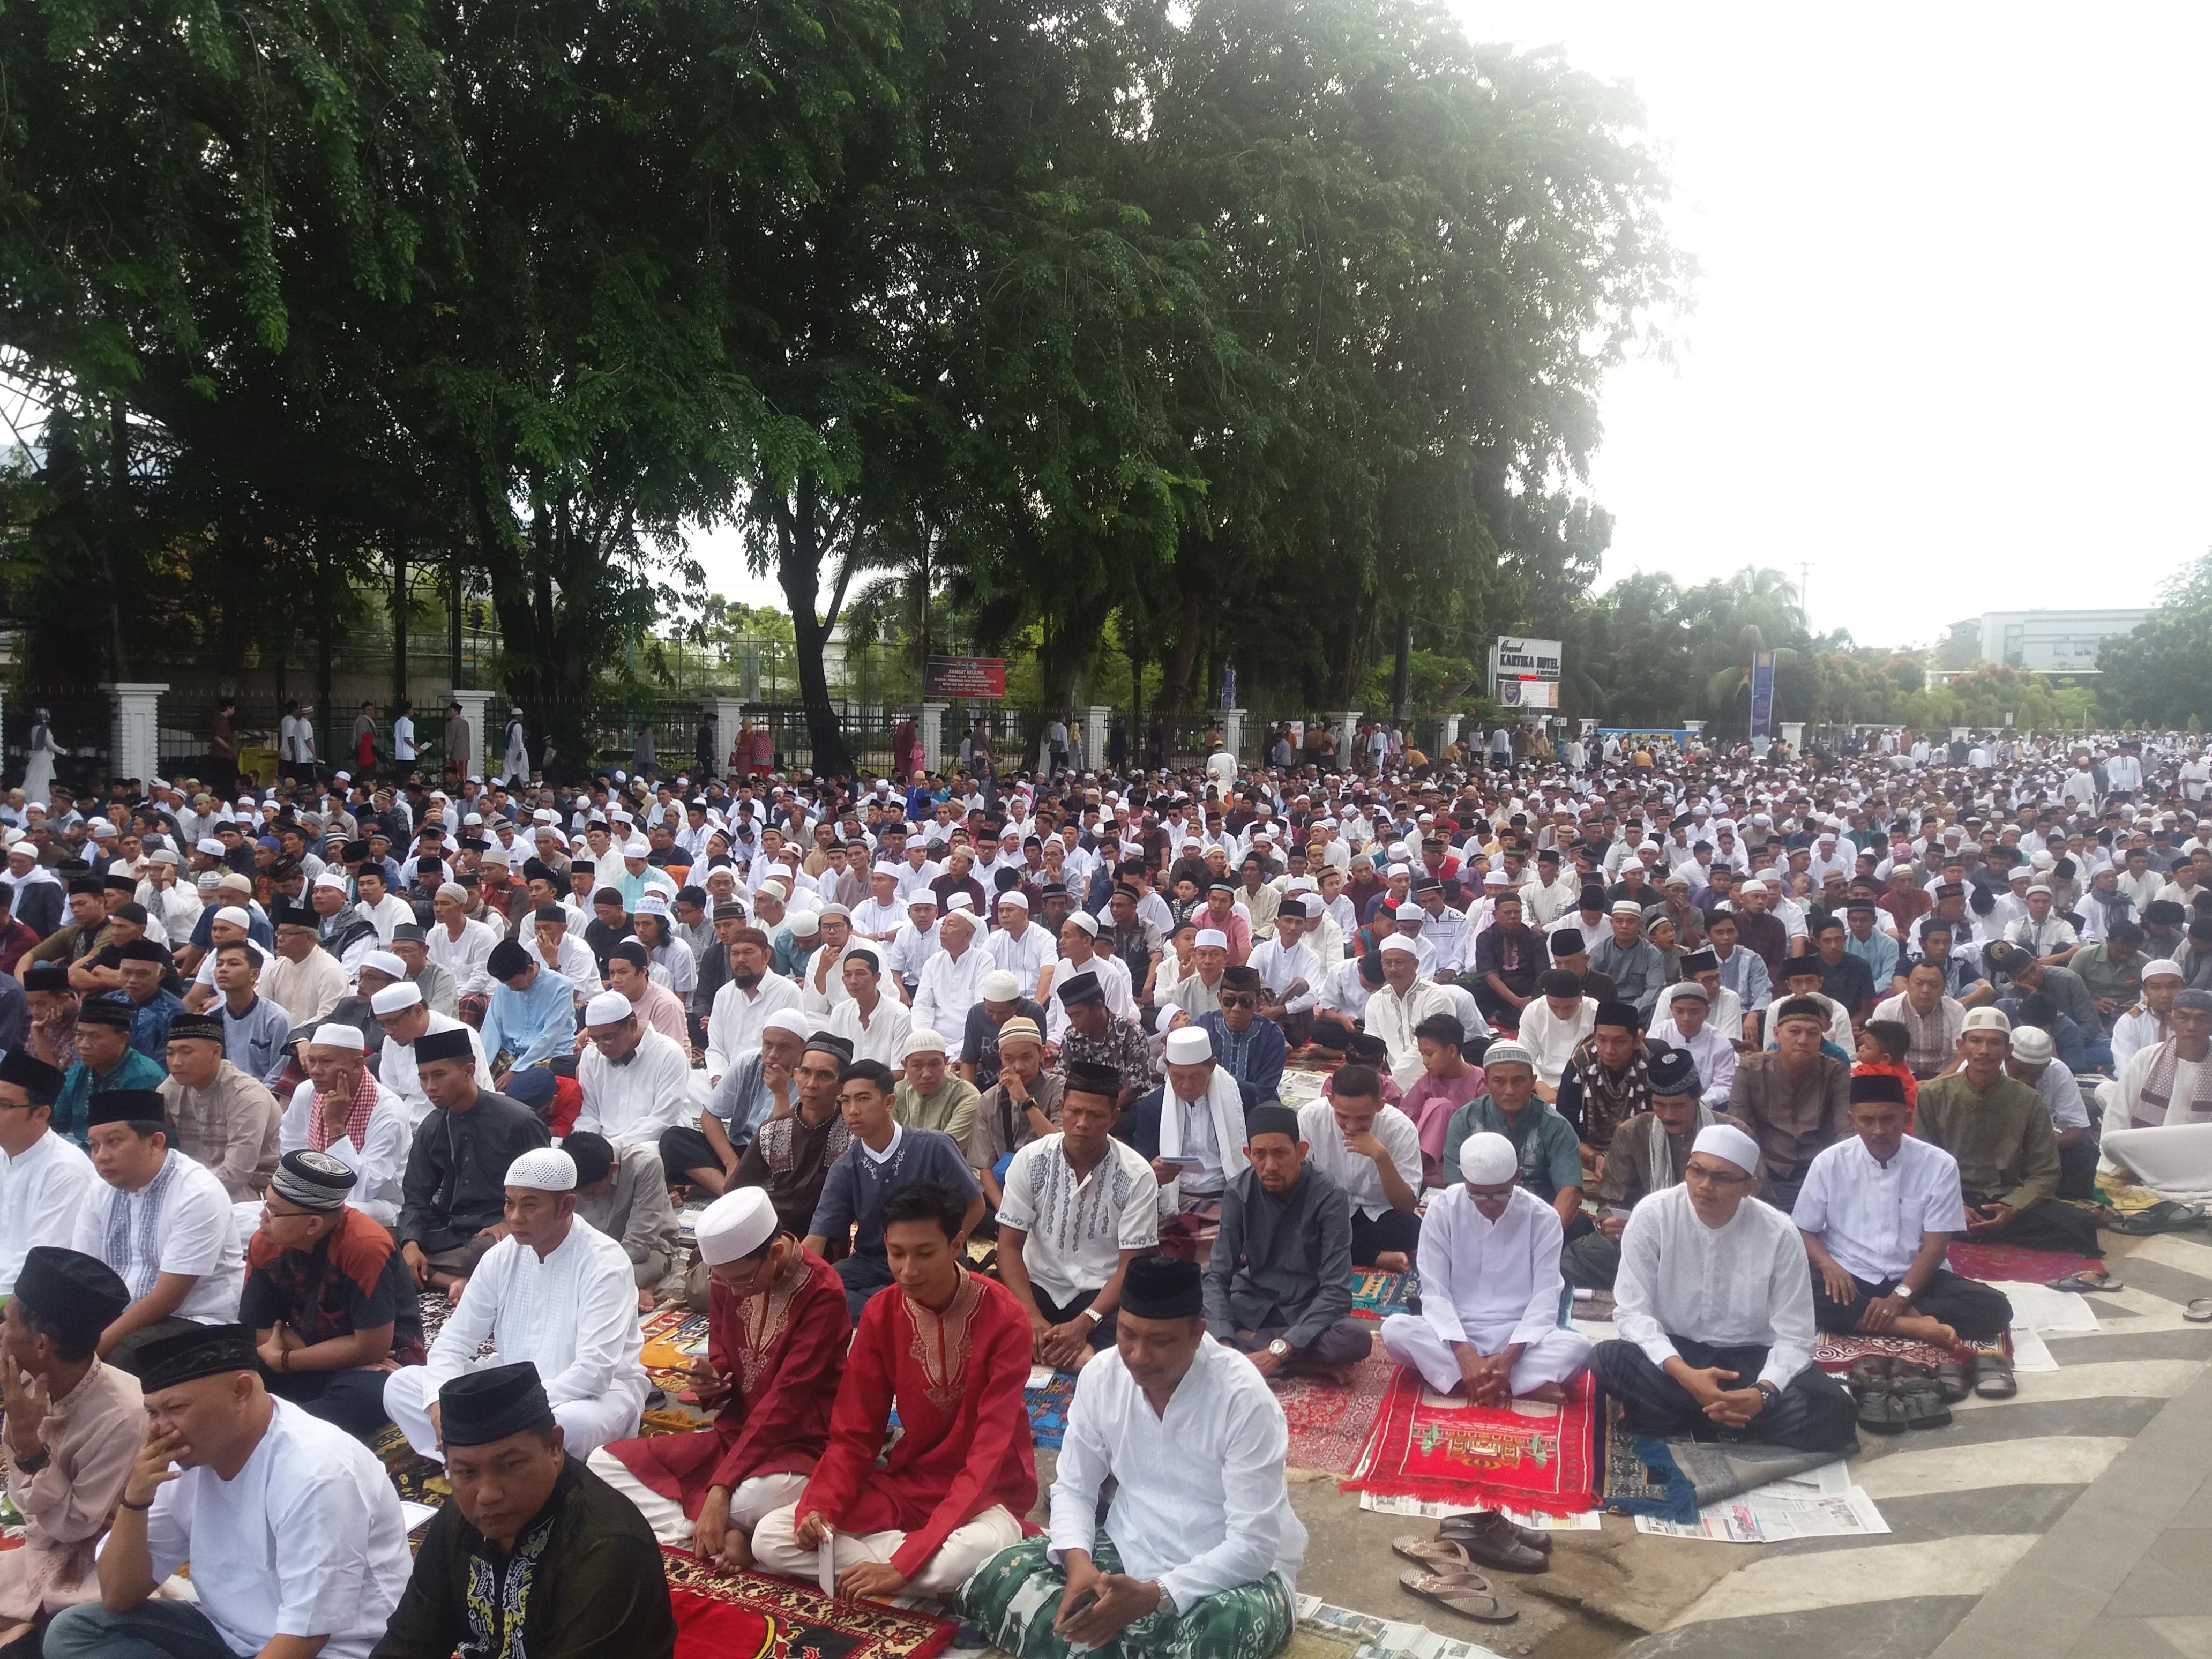 Puluhan Ribu Umat Muslim Salat Id Alun Kapuas Foto Suasana